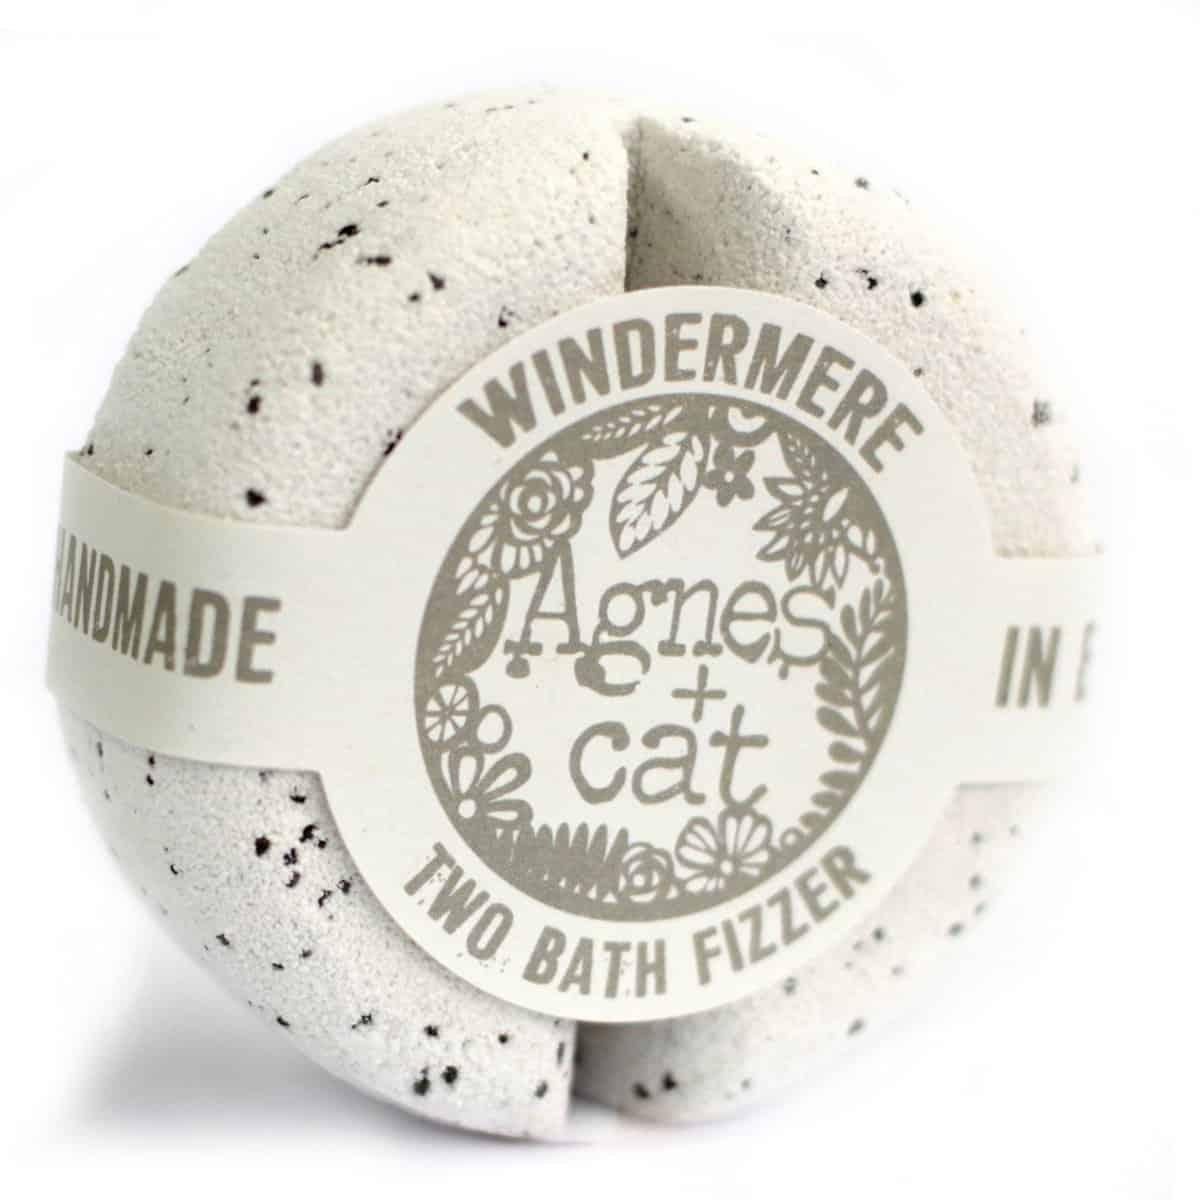 agnes and cat bath fizzer